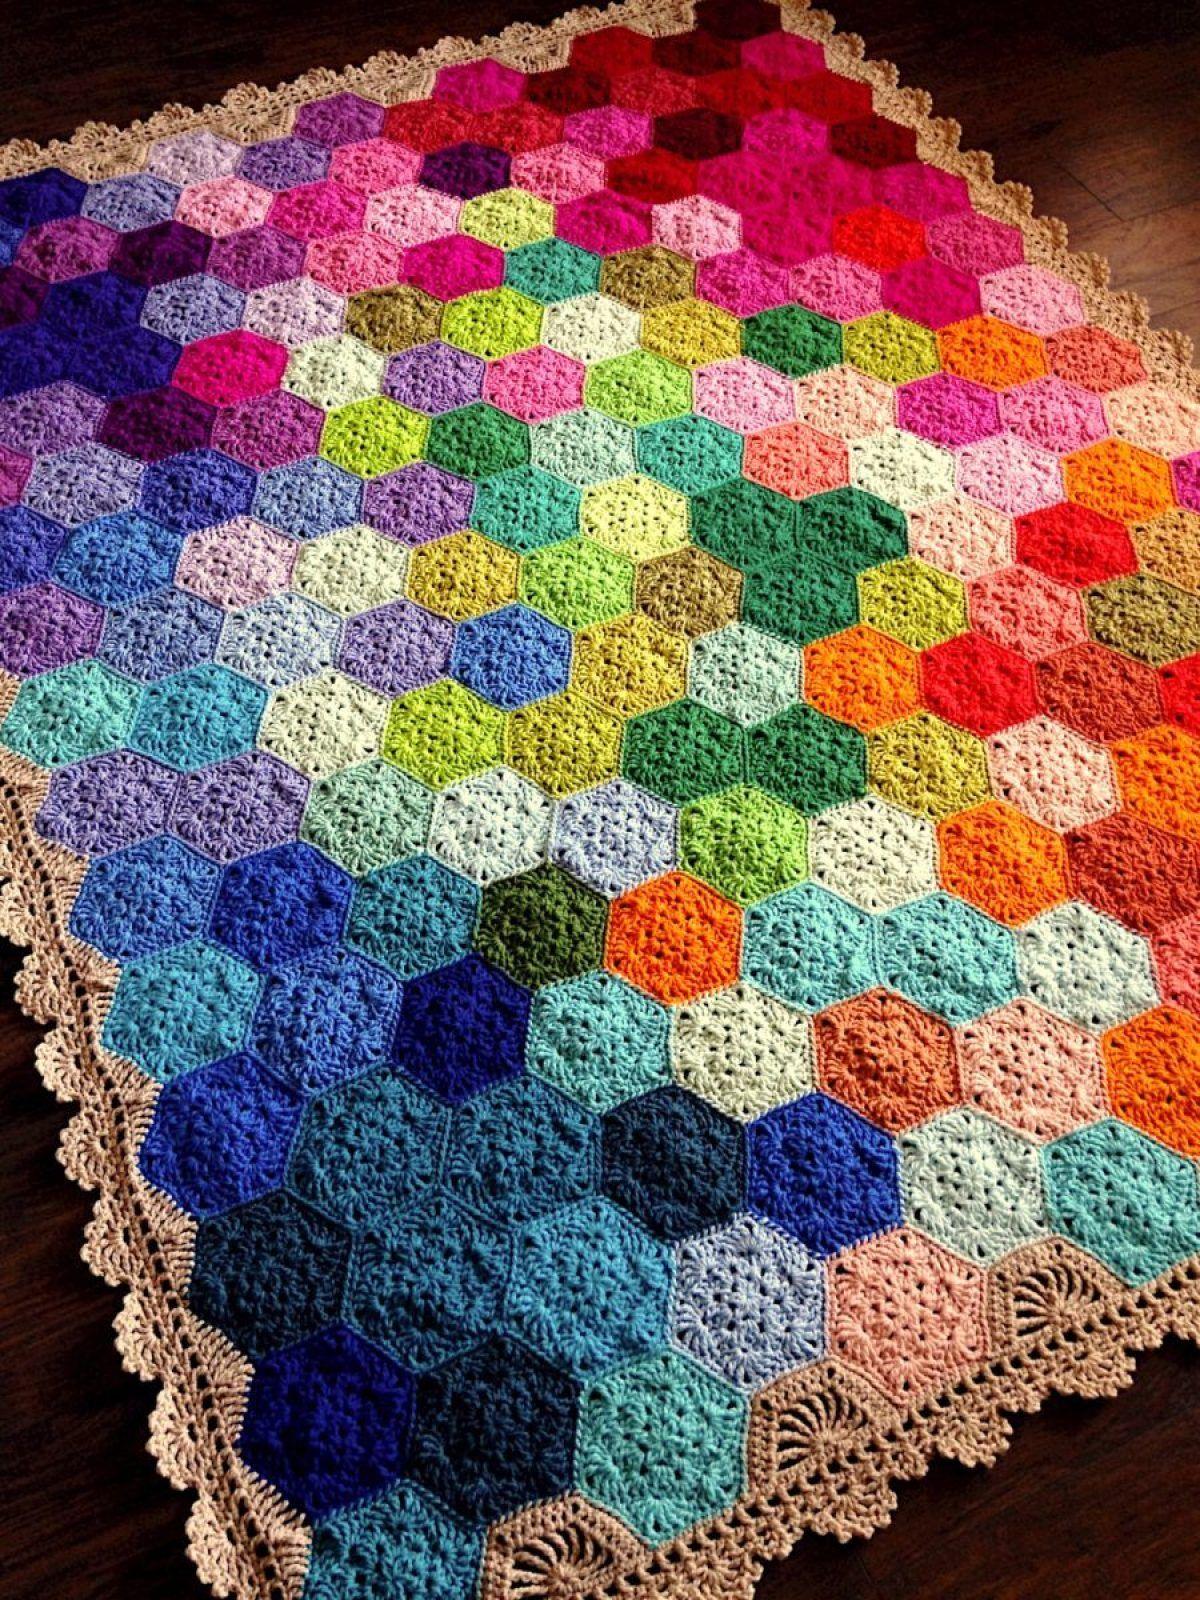 Geometric Lace Blanket Crochet Pattern For Beginners